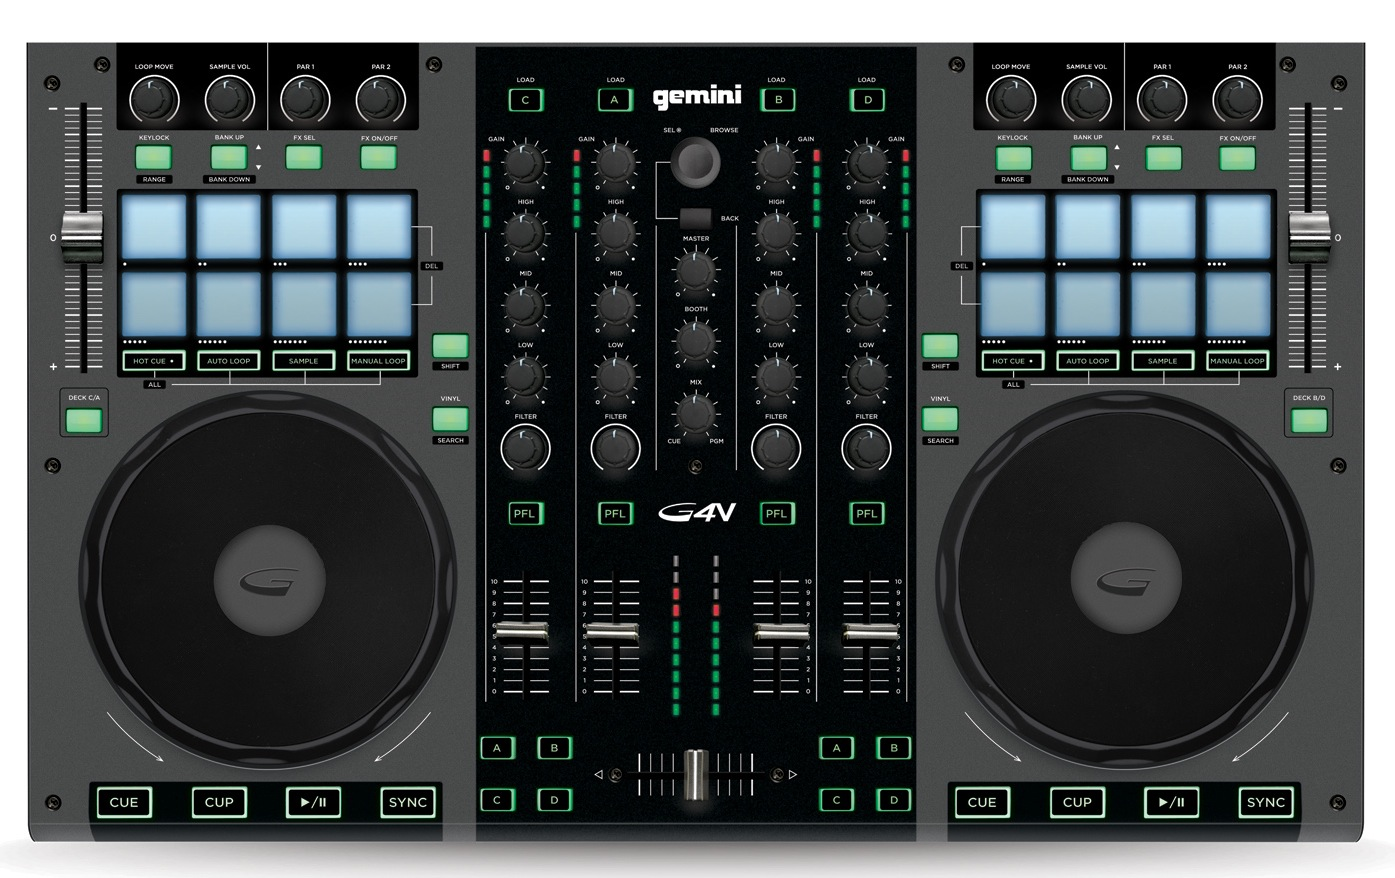 Gemini-G4V